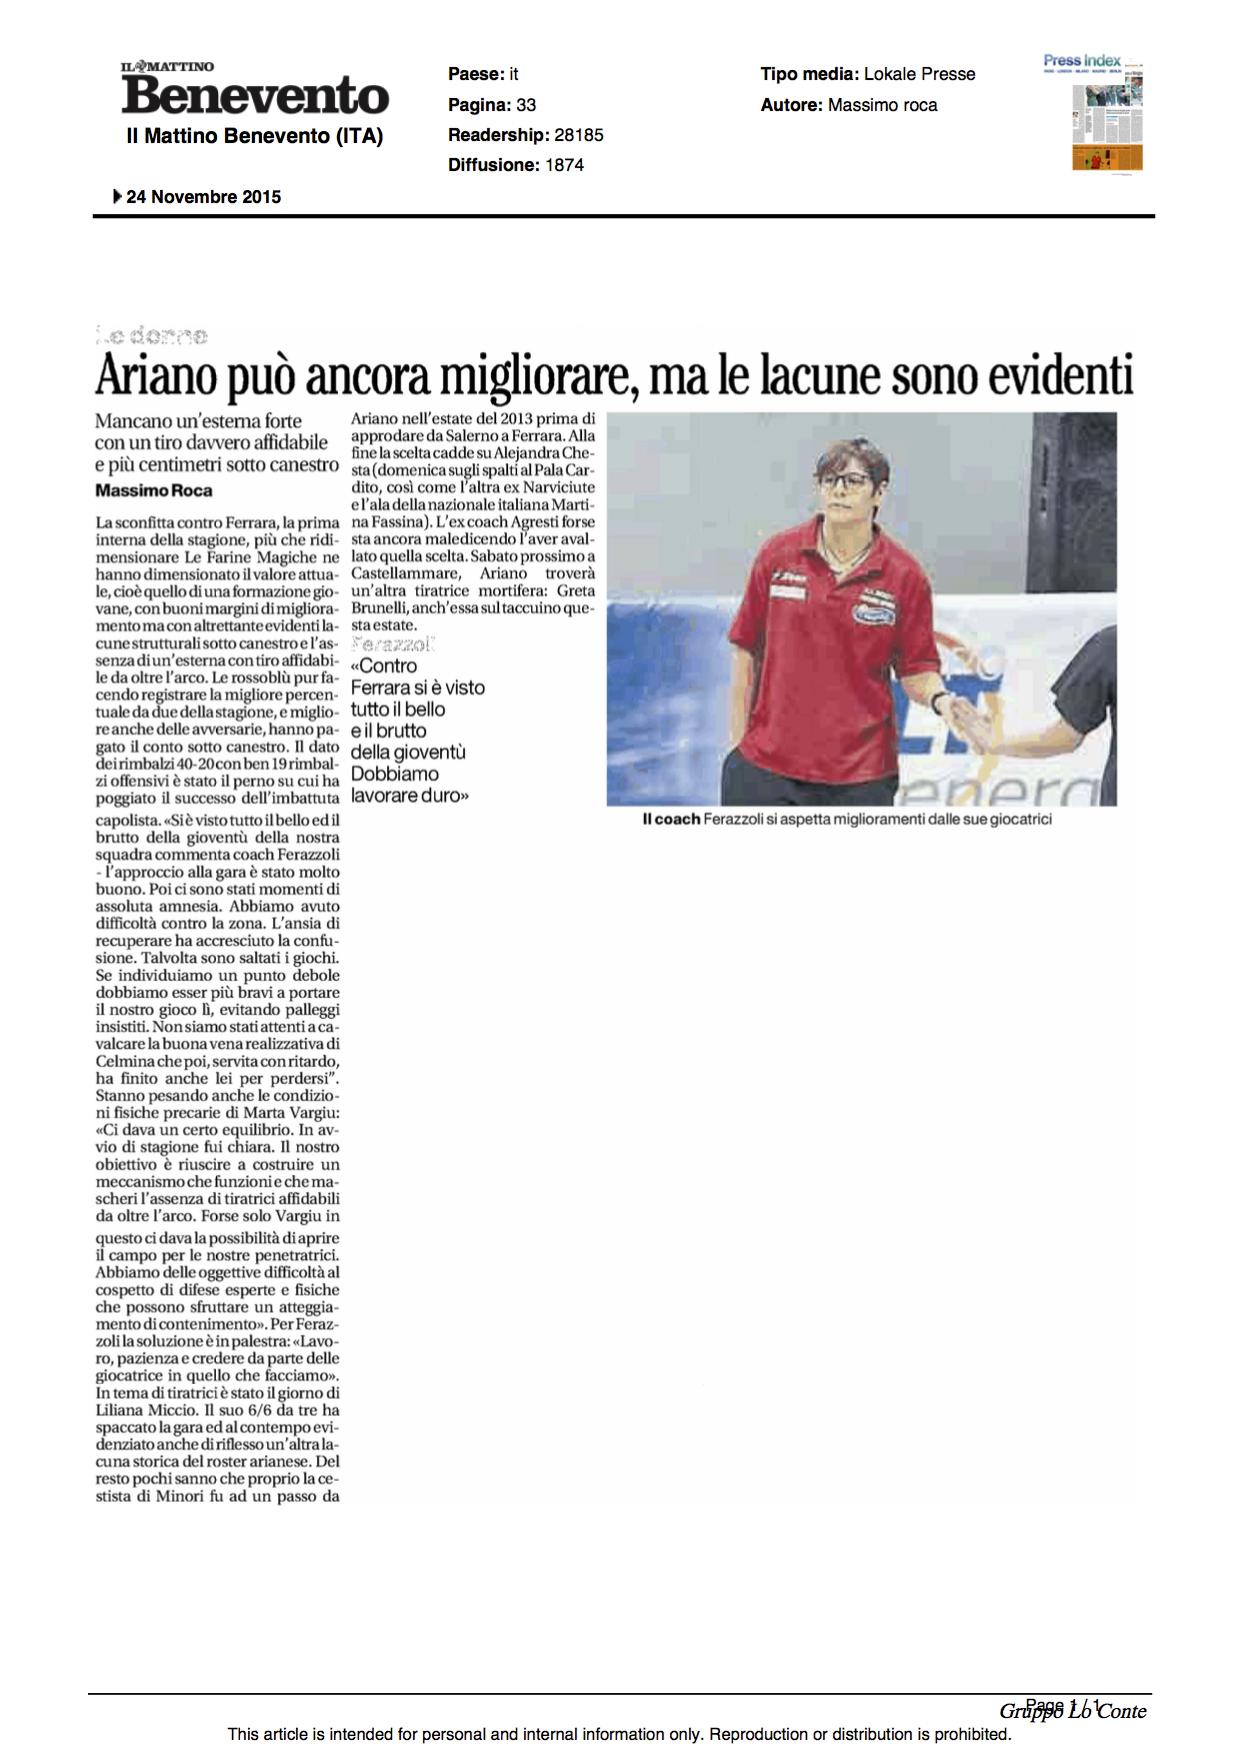 24.11.2015_IL MATTINO_ED BENEVENTO